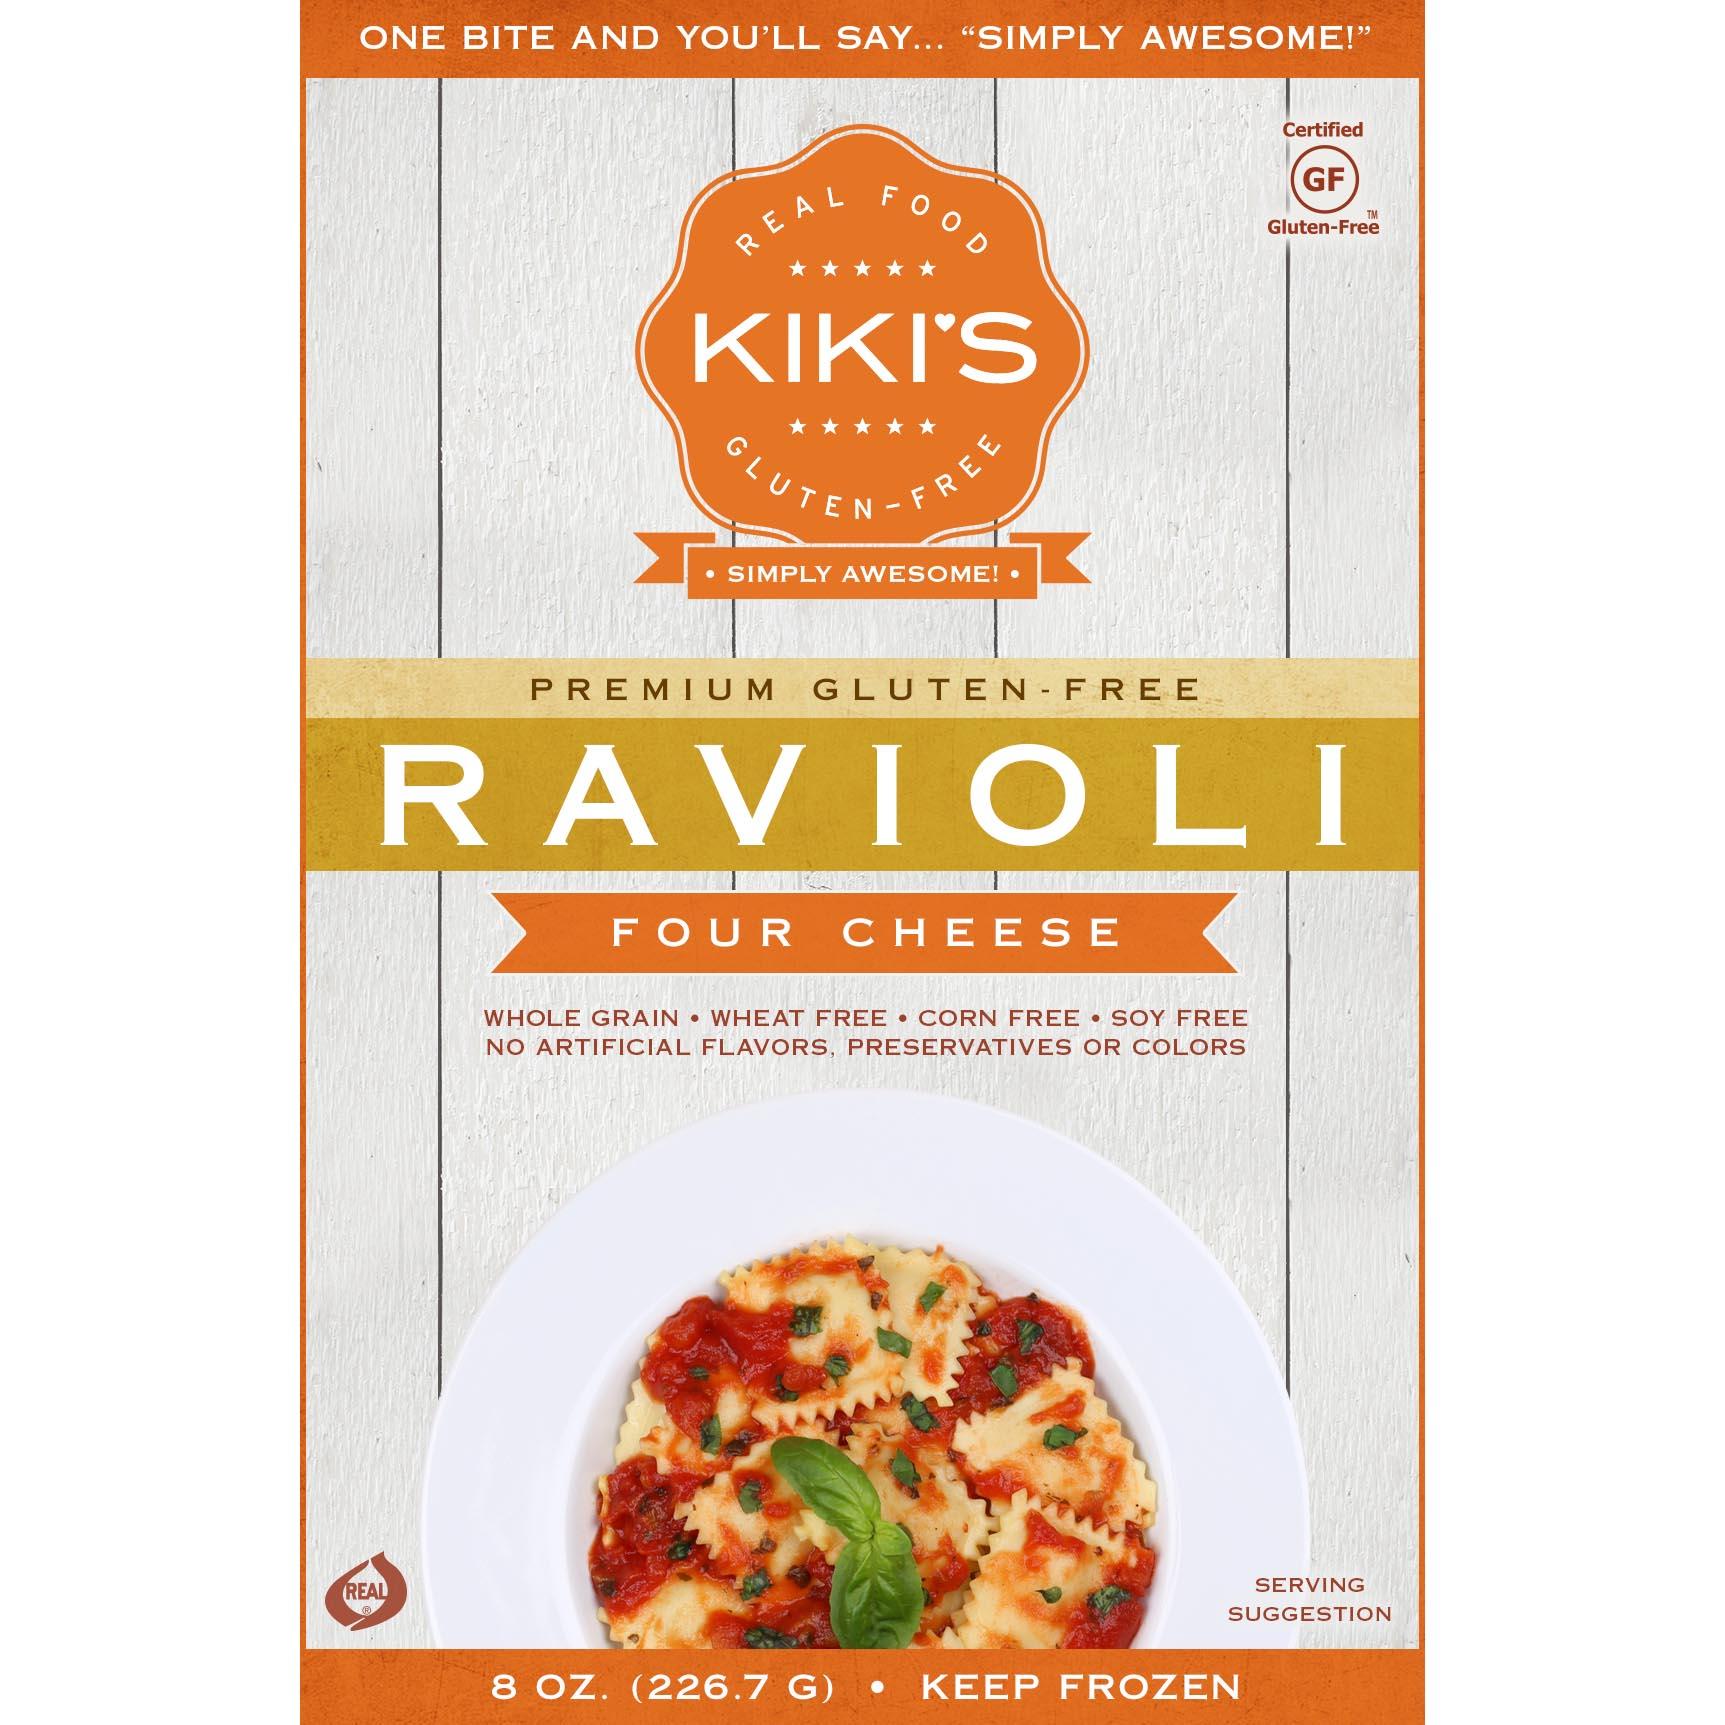 Kikis Ravioli Four Cheese Square